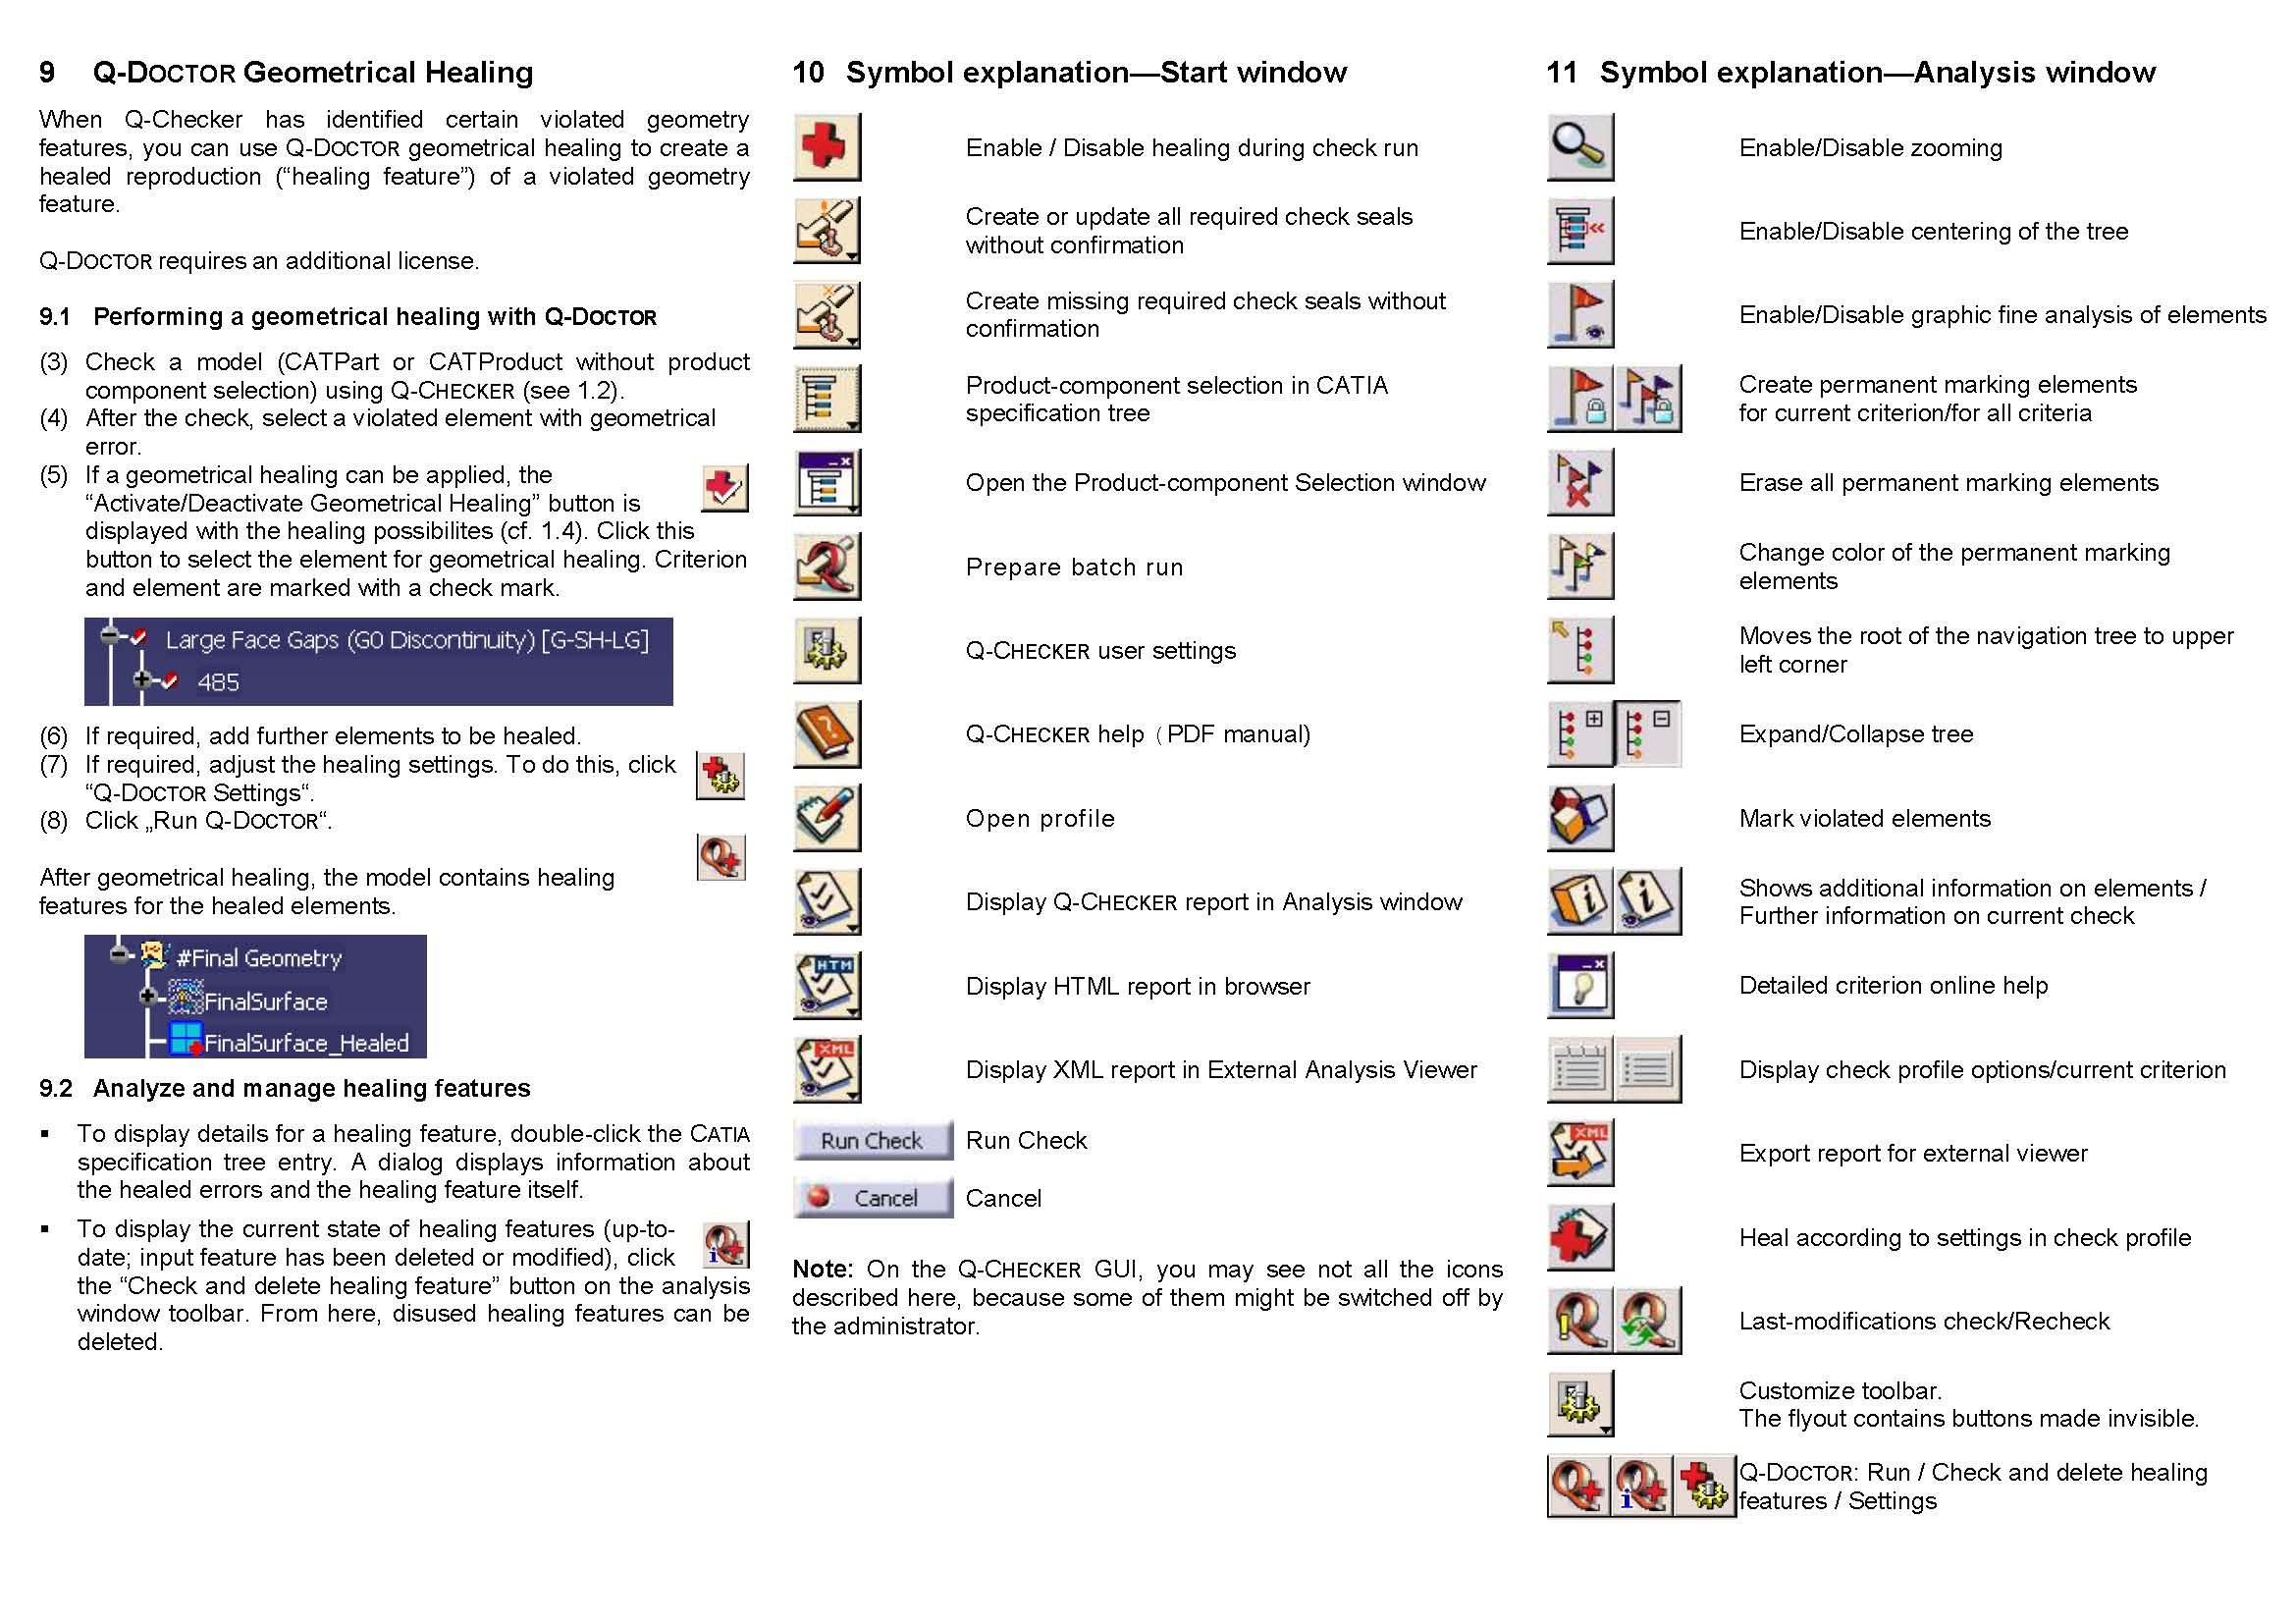 manual_Seite_5.jpg